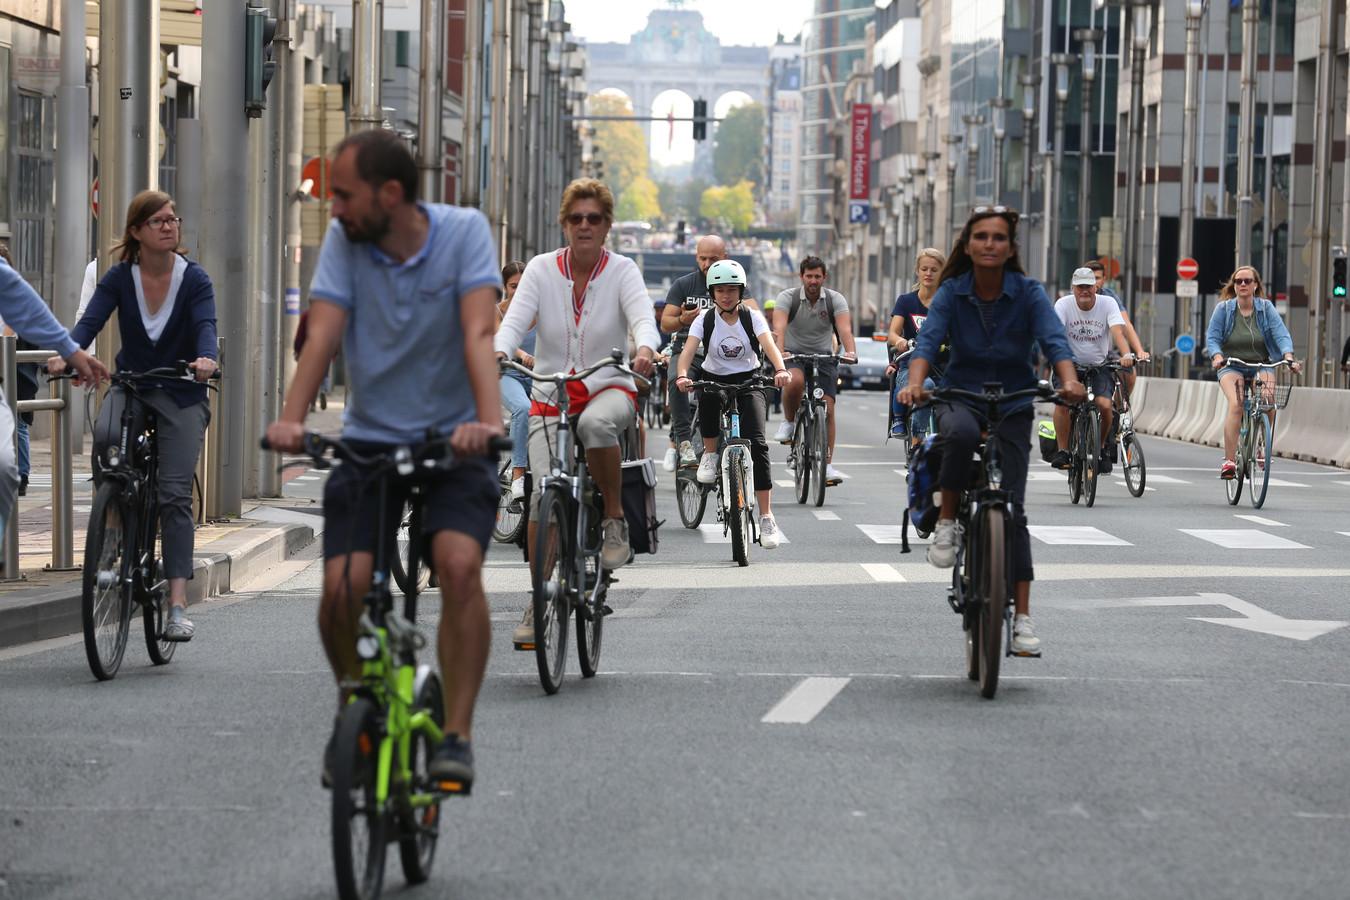 Le dimanche sans voiture à Bruxelles, édition 2020.